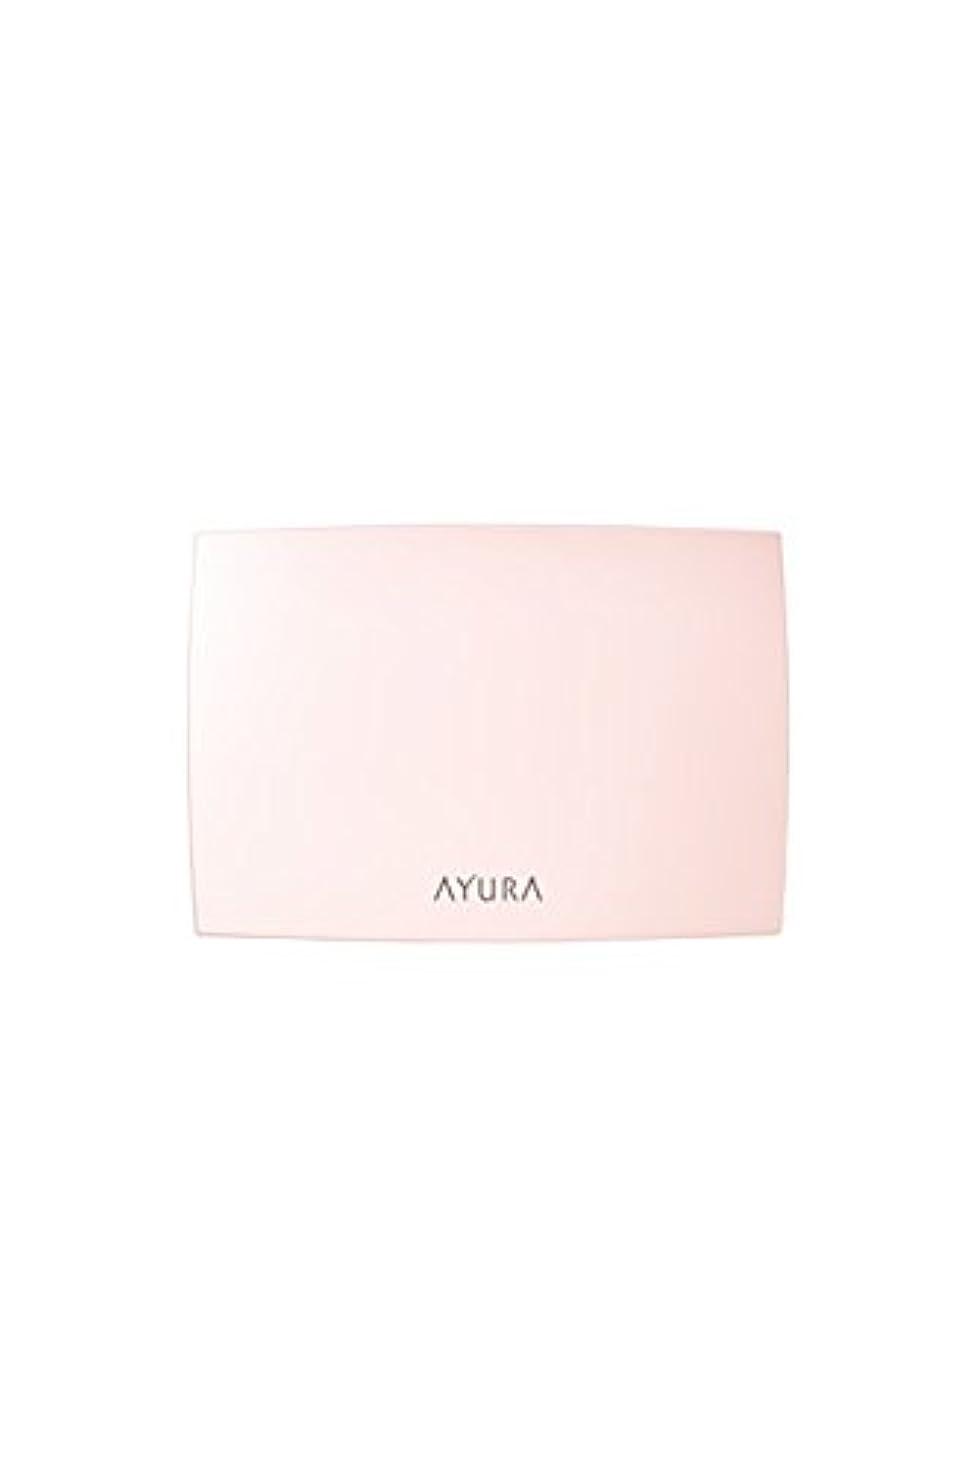 リファイン探す普通のアユーラ (AYURA) パクトケース(スポンジ付) トーンアップパクト 専用ケース